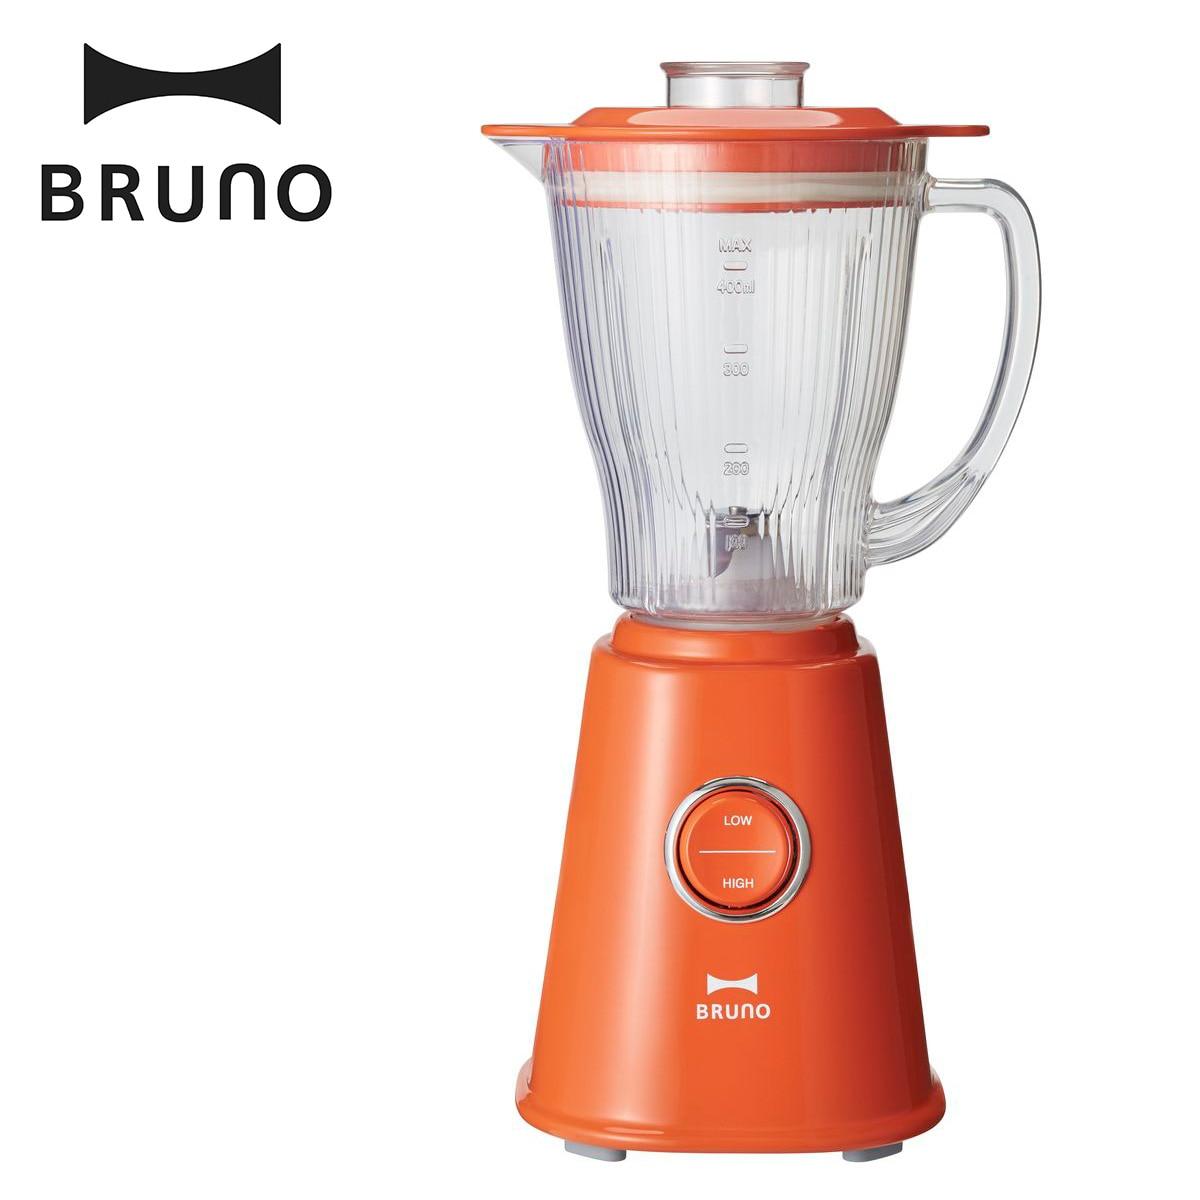 イデアインターナショナル ブルーノ コンパクトブレンダー オレンジ BOE023-OR